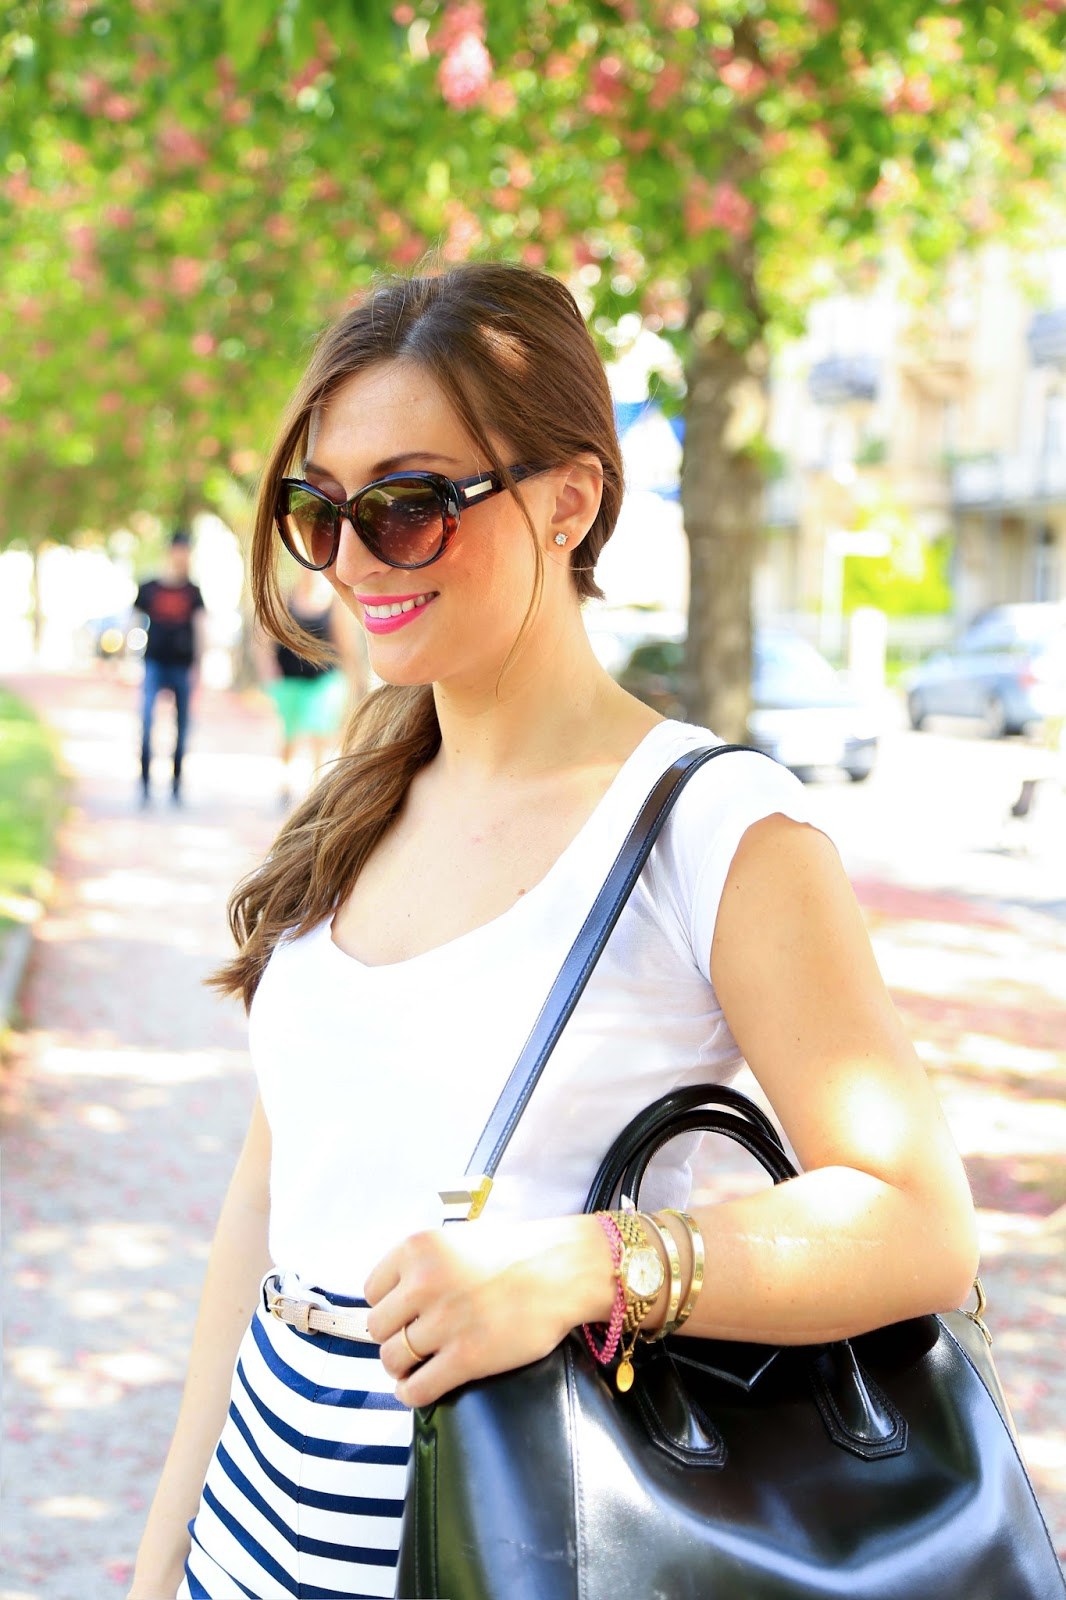 Zara Shorts- Streifen Hose -Hose mit streifen - Marine Hose - Stripes - Streifen - Stripes Shorts Fashionstylebyjohanna